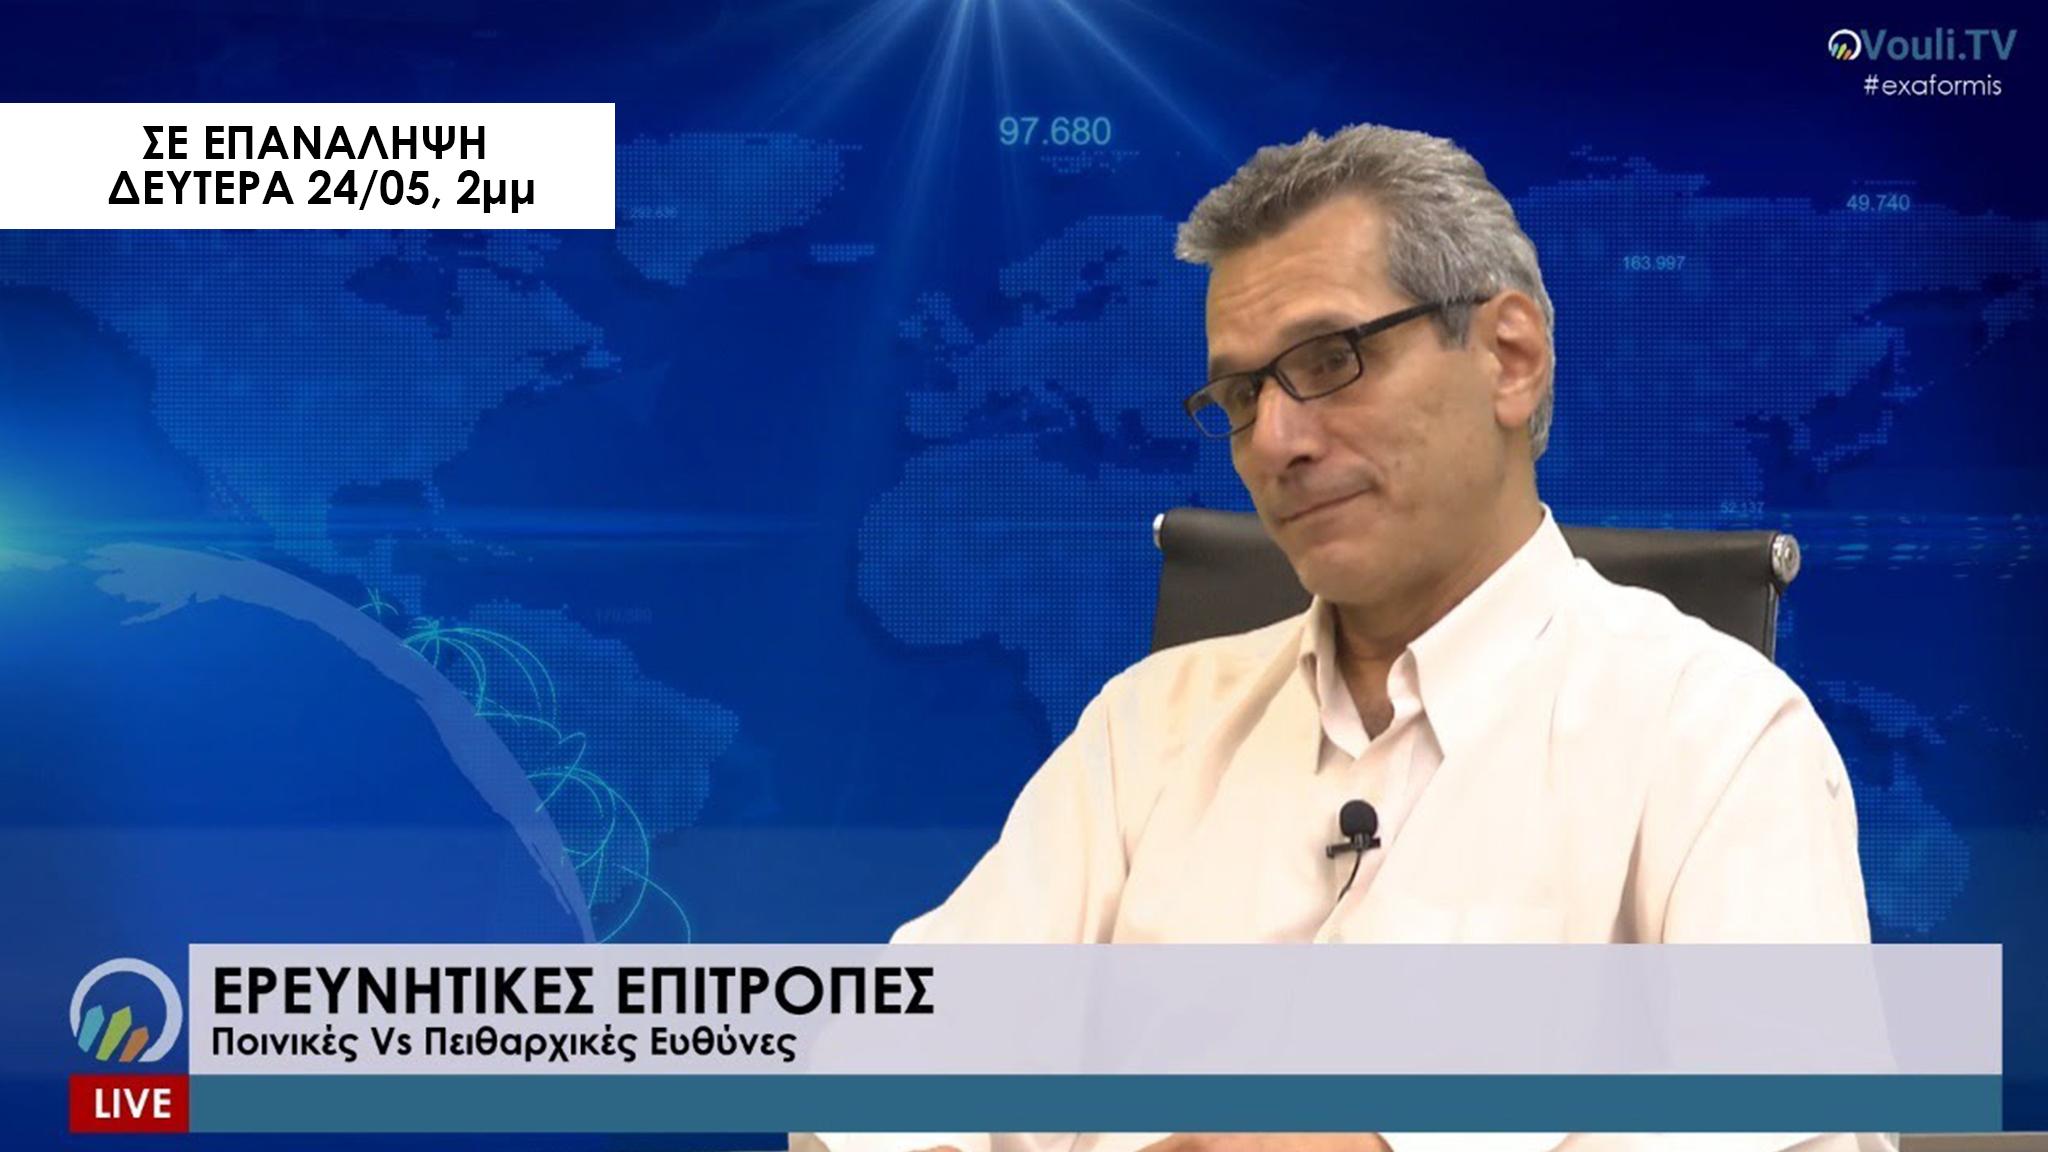 Σε επανάληψη   Εξ Αφορμής - Πέτρος Φανάρης, Δευτέρα 24/05/2021